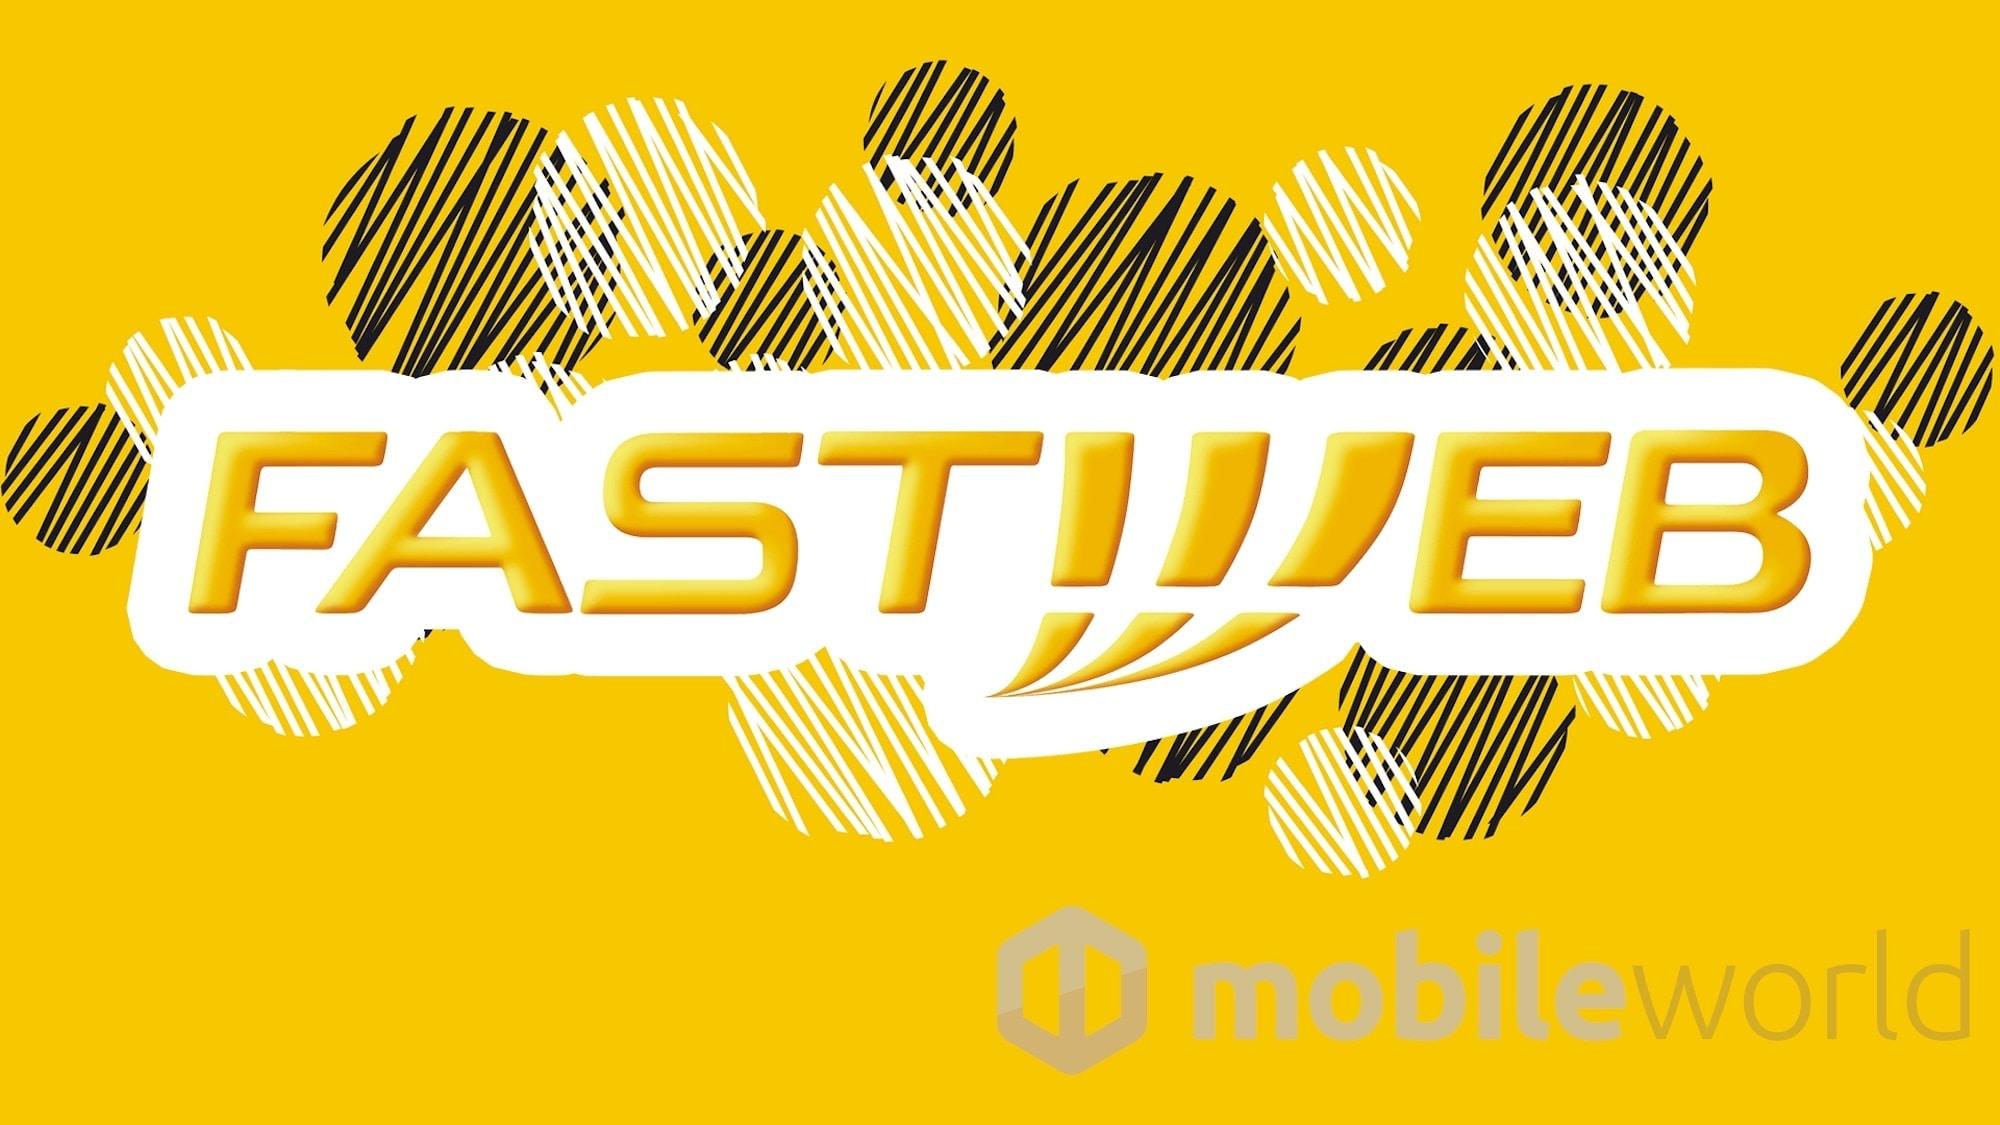 Fastweb inarrestabile: +26% nel settore mobile e in crescita per il 26esimo trimestre consecutivo (foto)